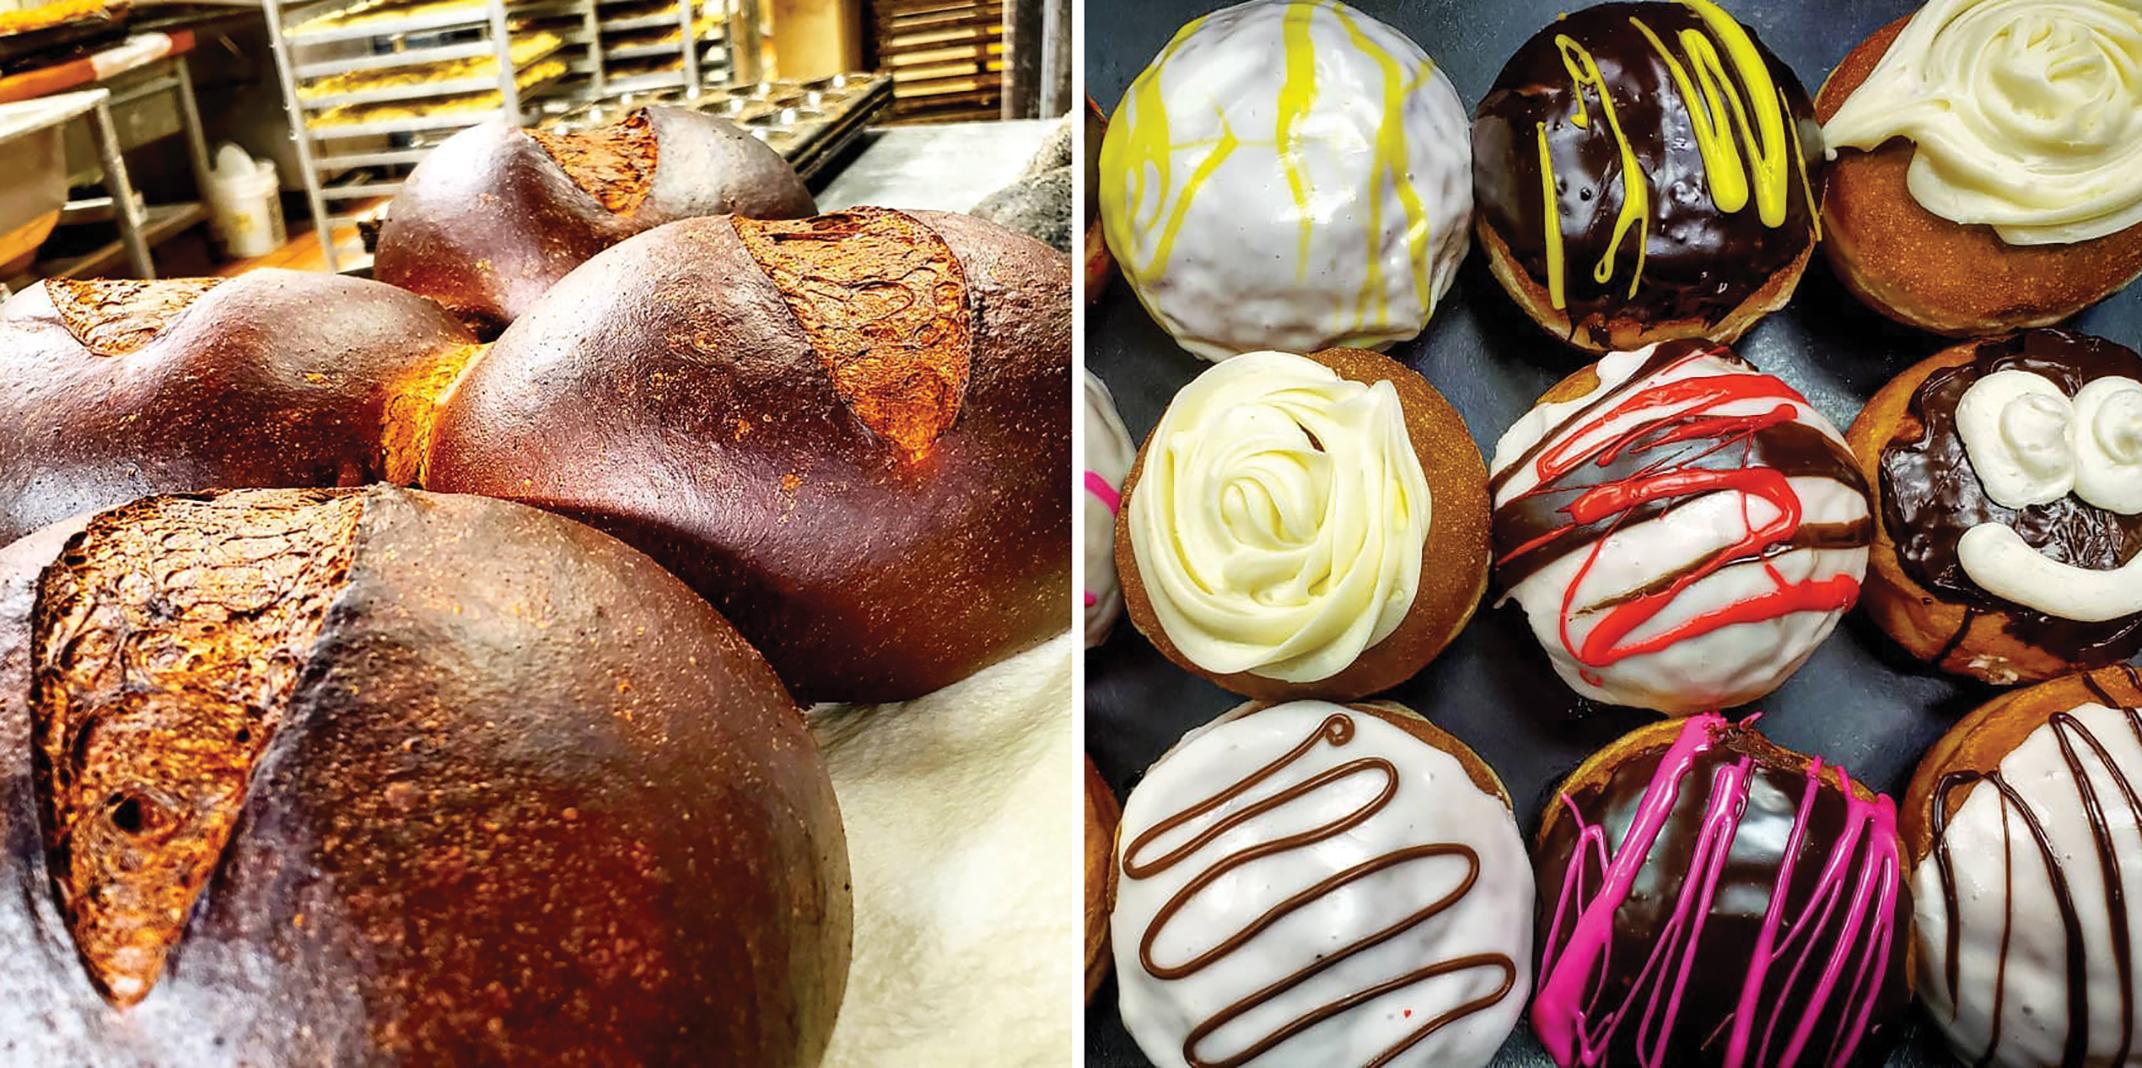 Hanisch Bakery in Red Wing